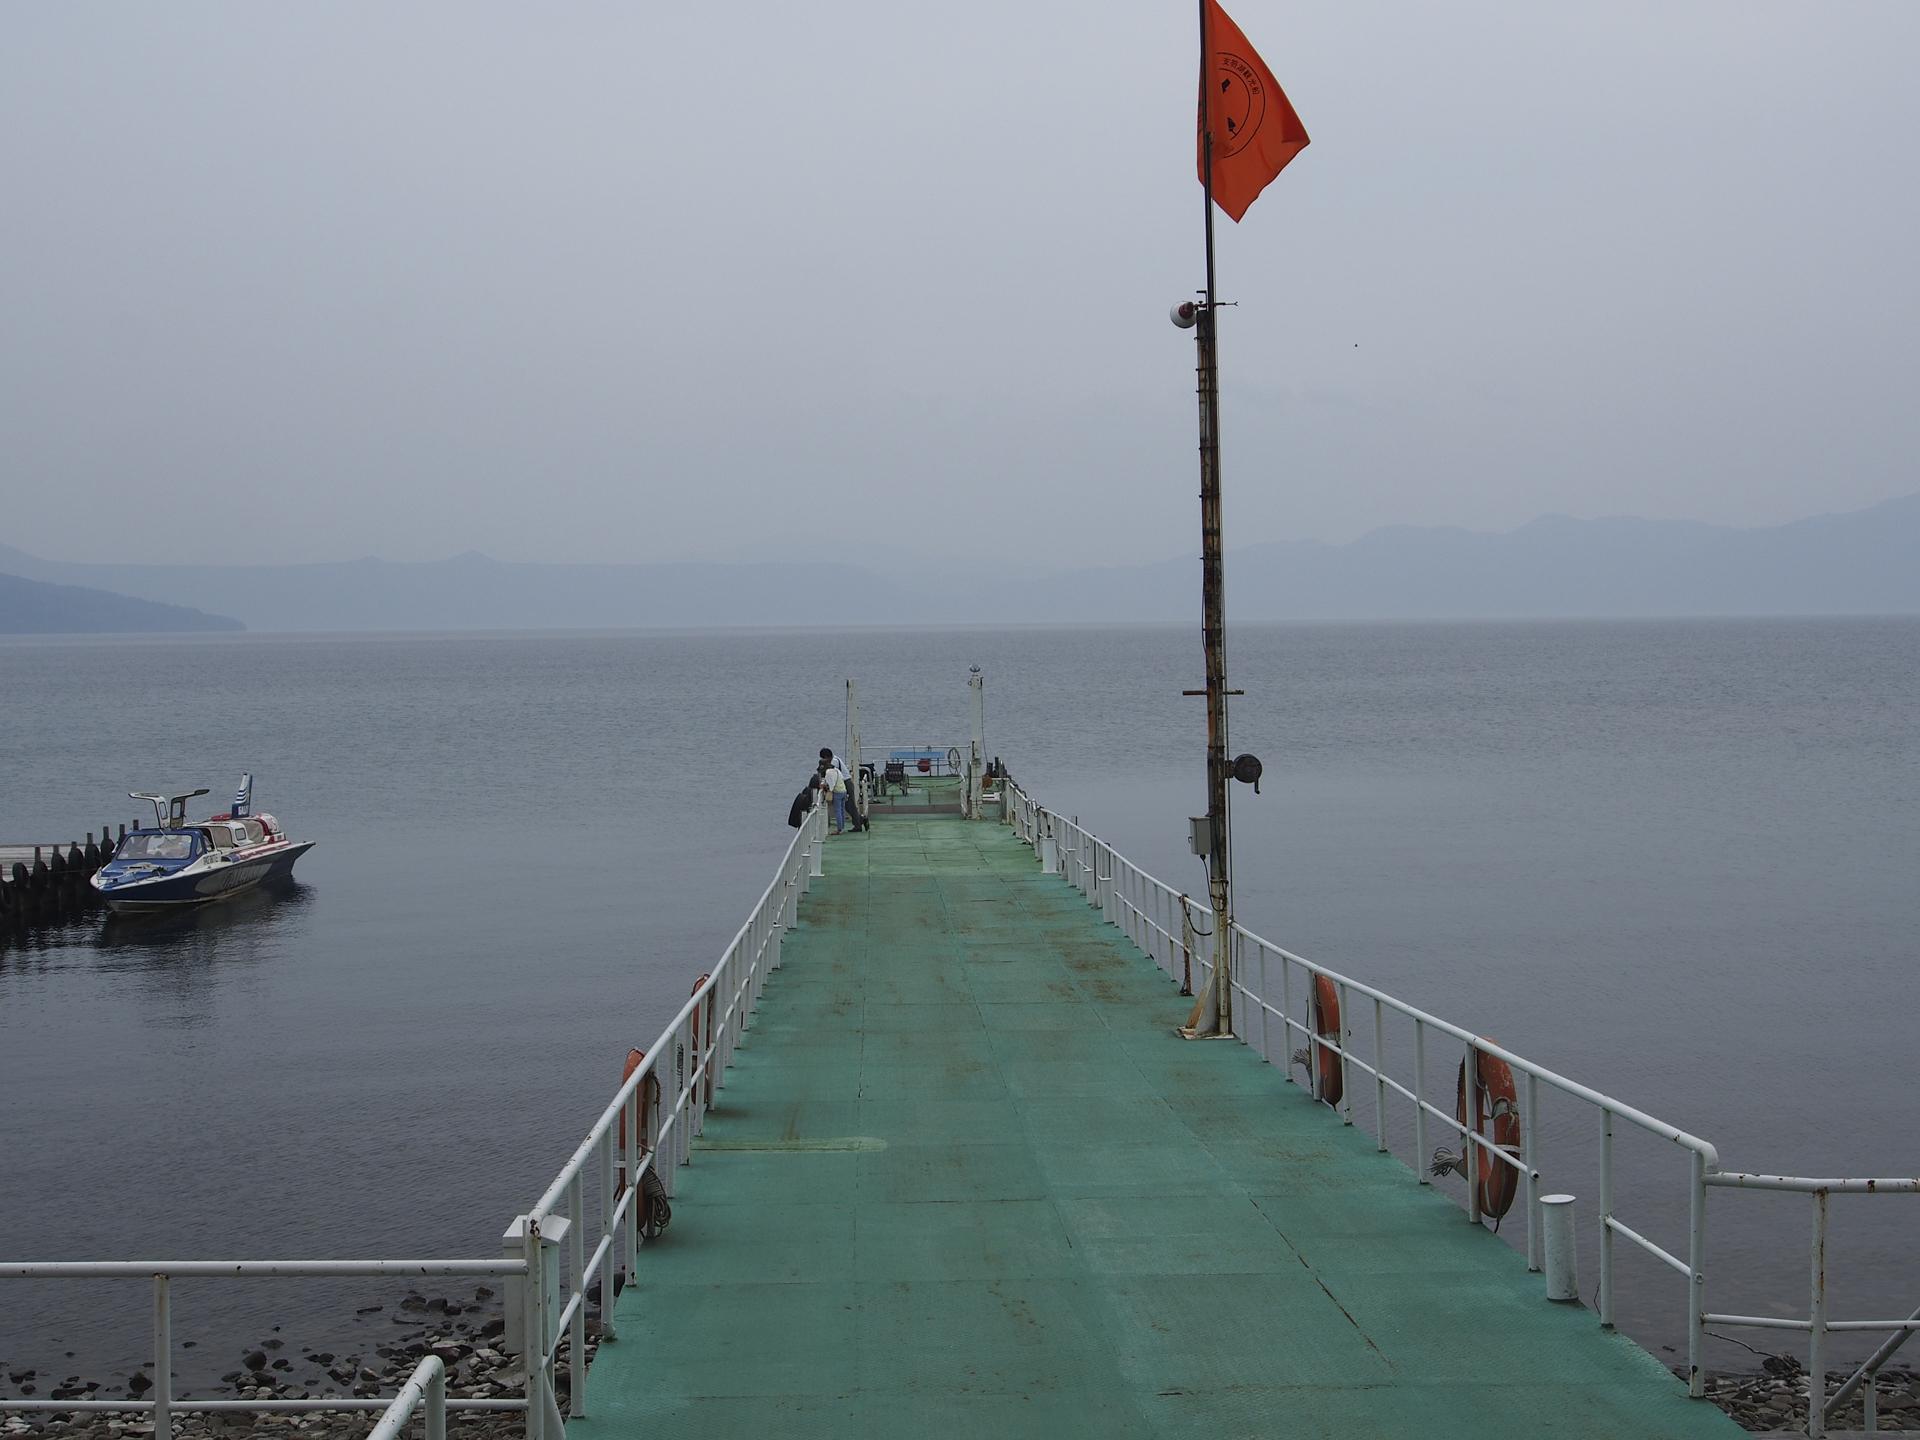 水中遊覧船乗り場の桟橋